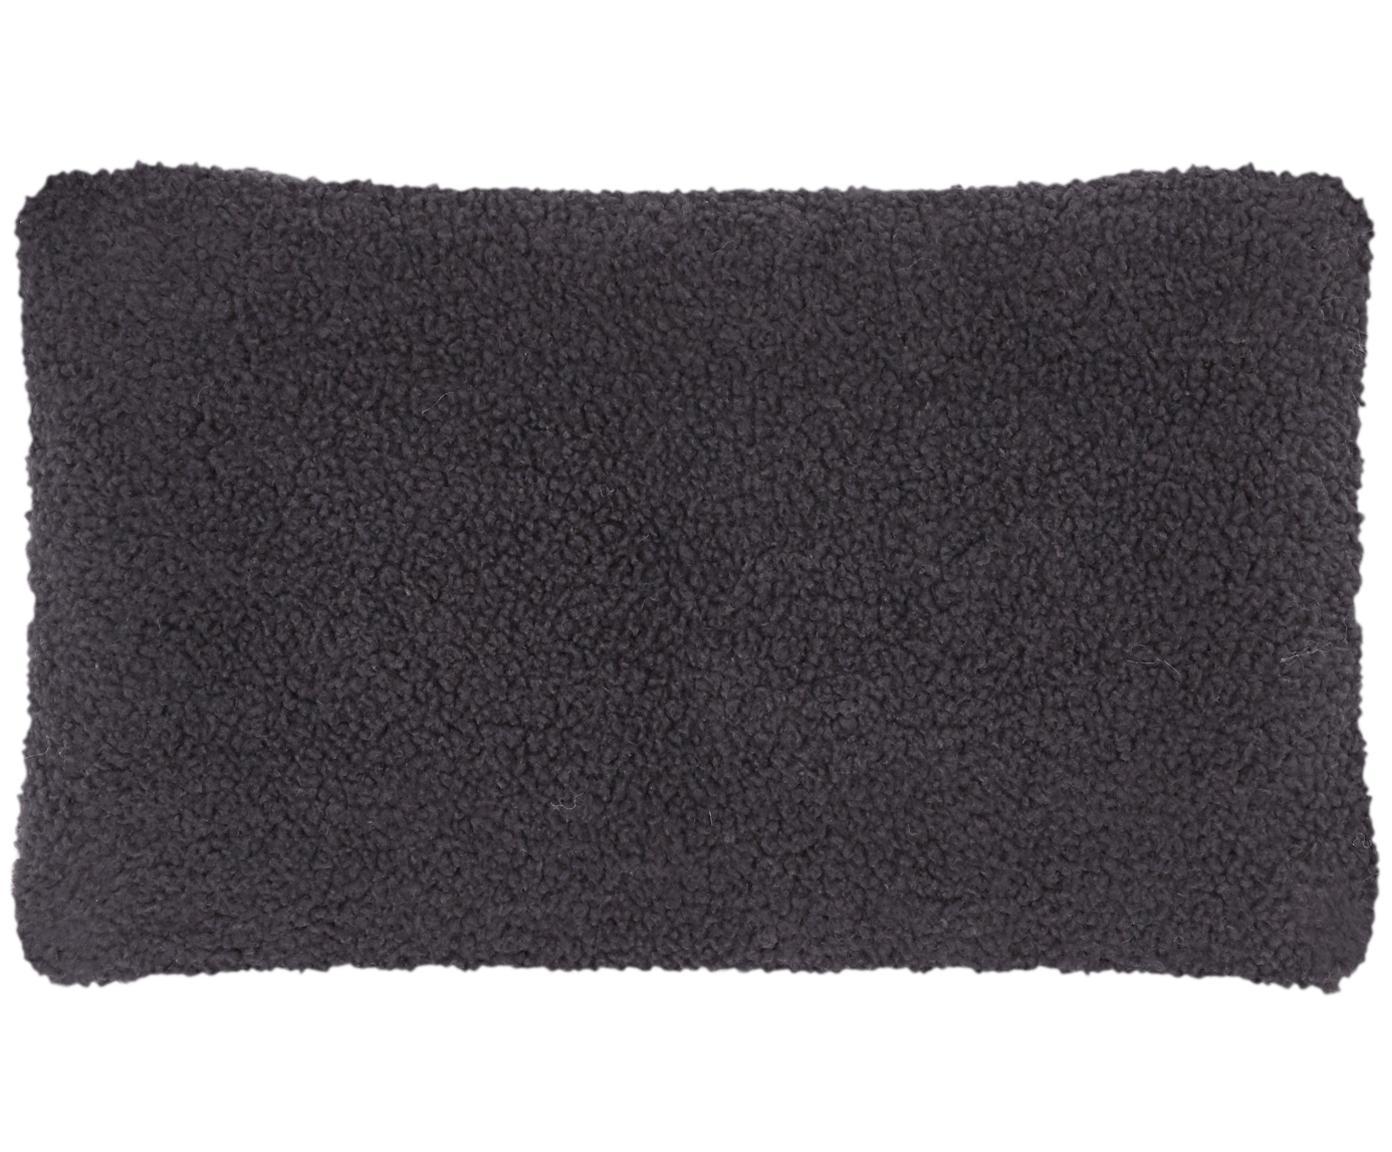 Poszewka na poduszkę Teddy Mille, Ciemny szary, S 30 x D 50 cm